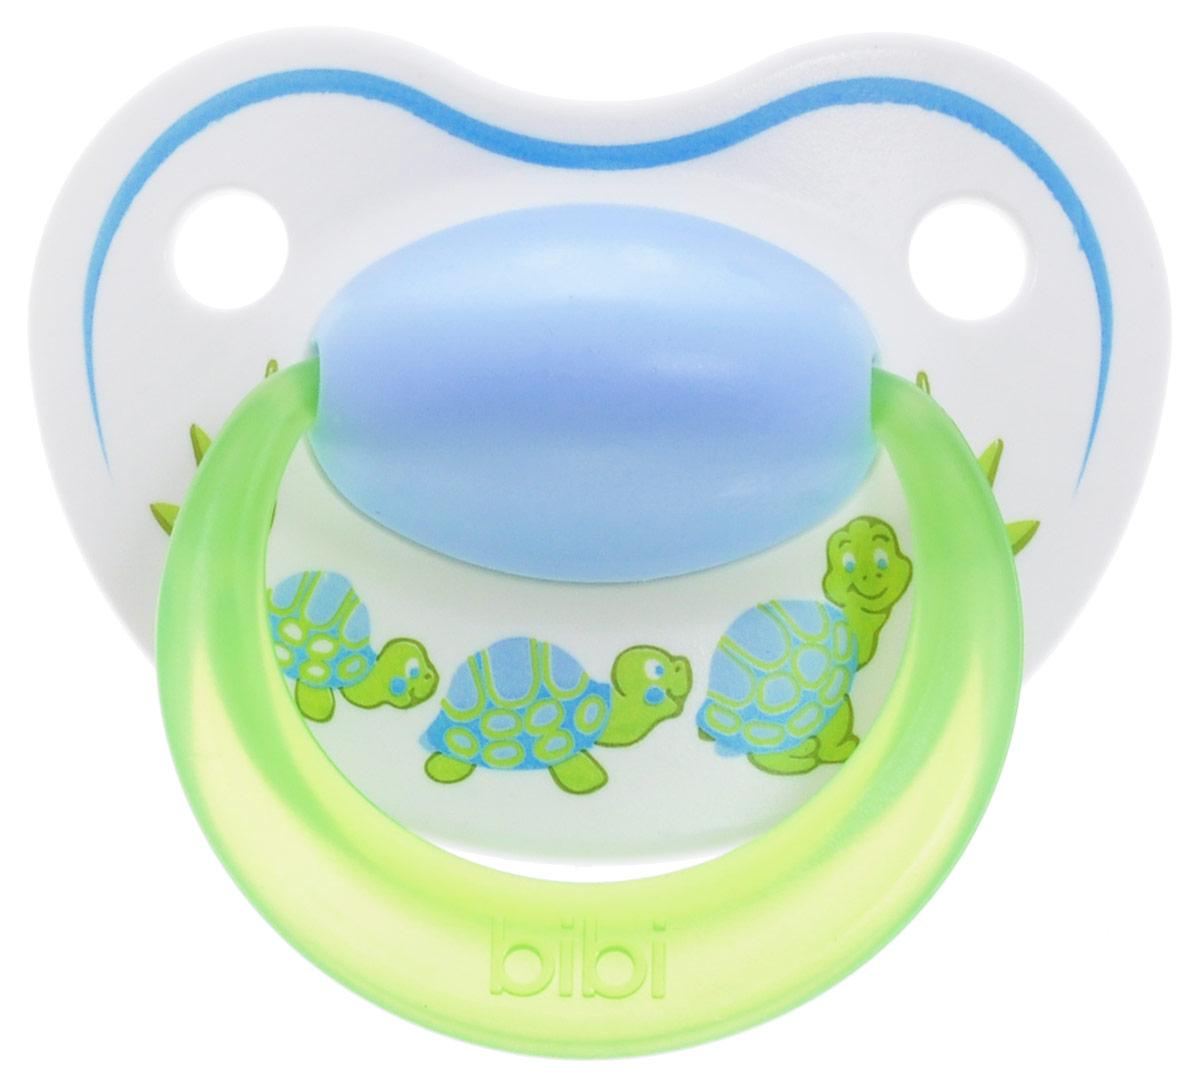 Bibi Пустышка силиконовая Happiness Черепашки от 0 до 6 месяцев